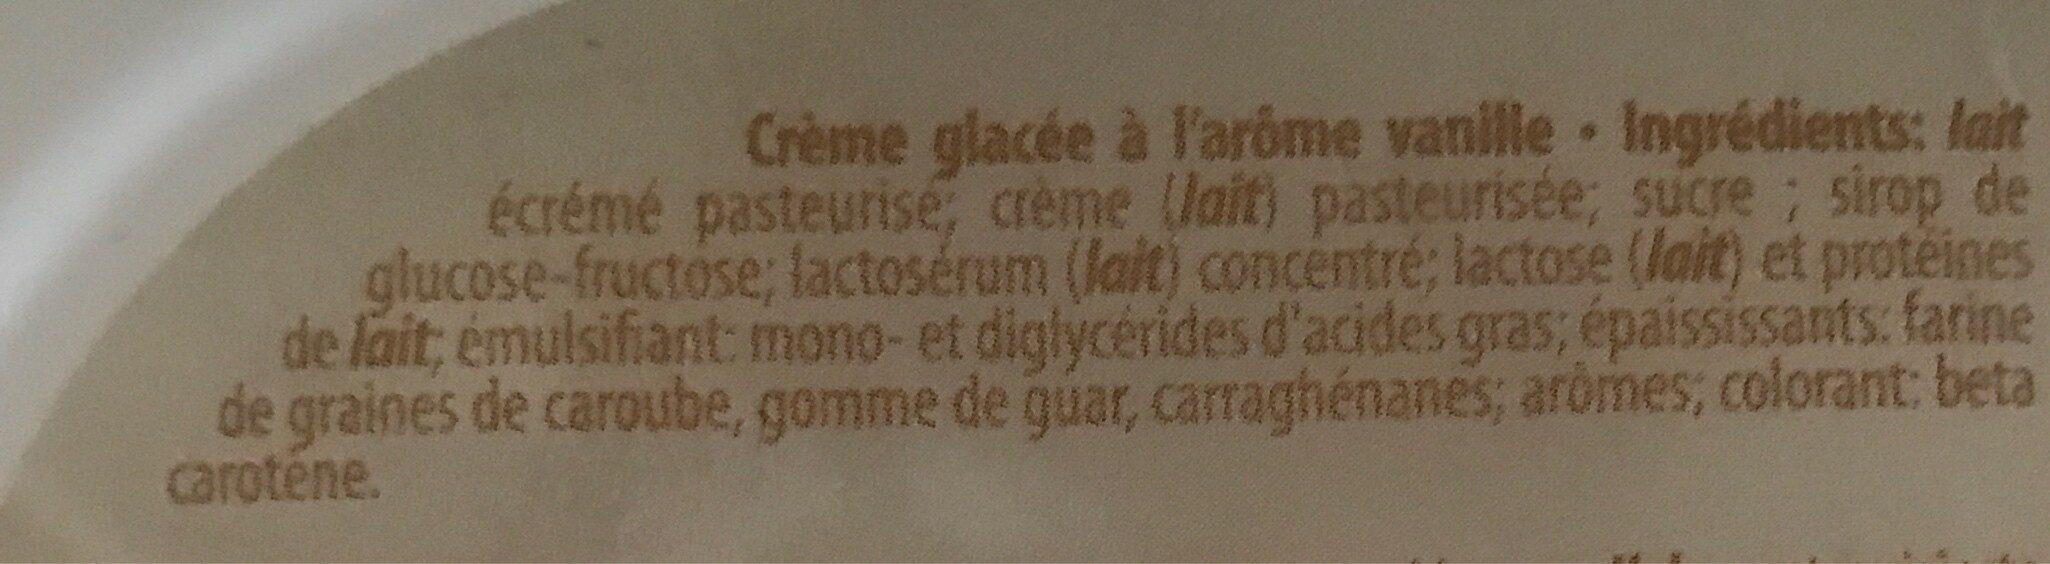 Eskimopie Fine crème vanille - Ingrédients - fr